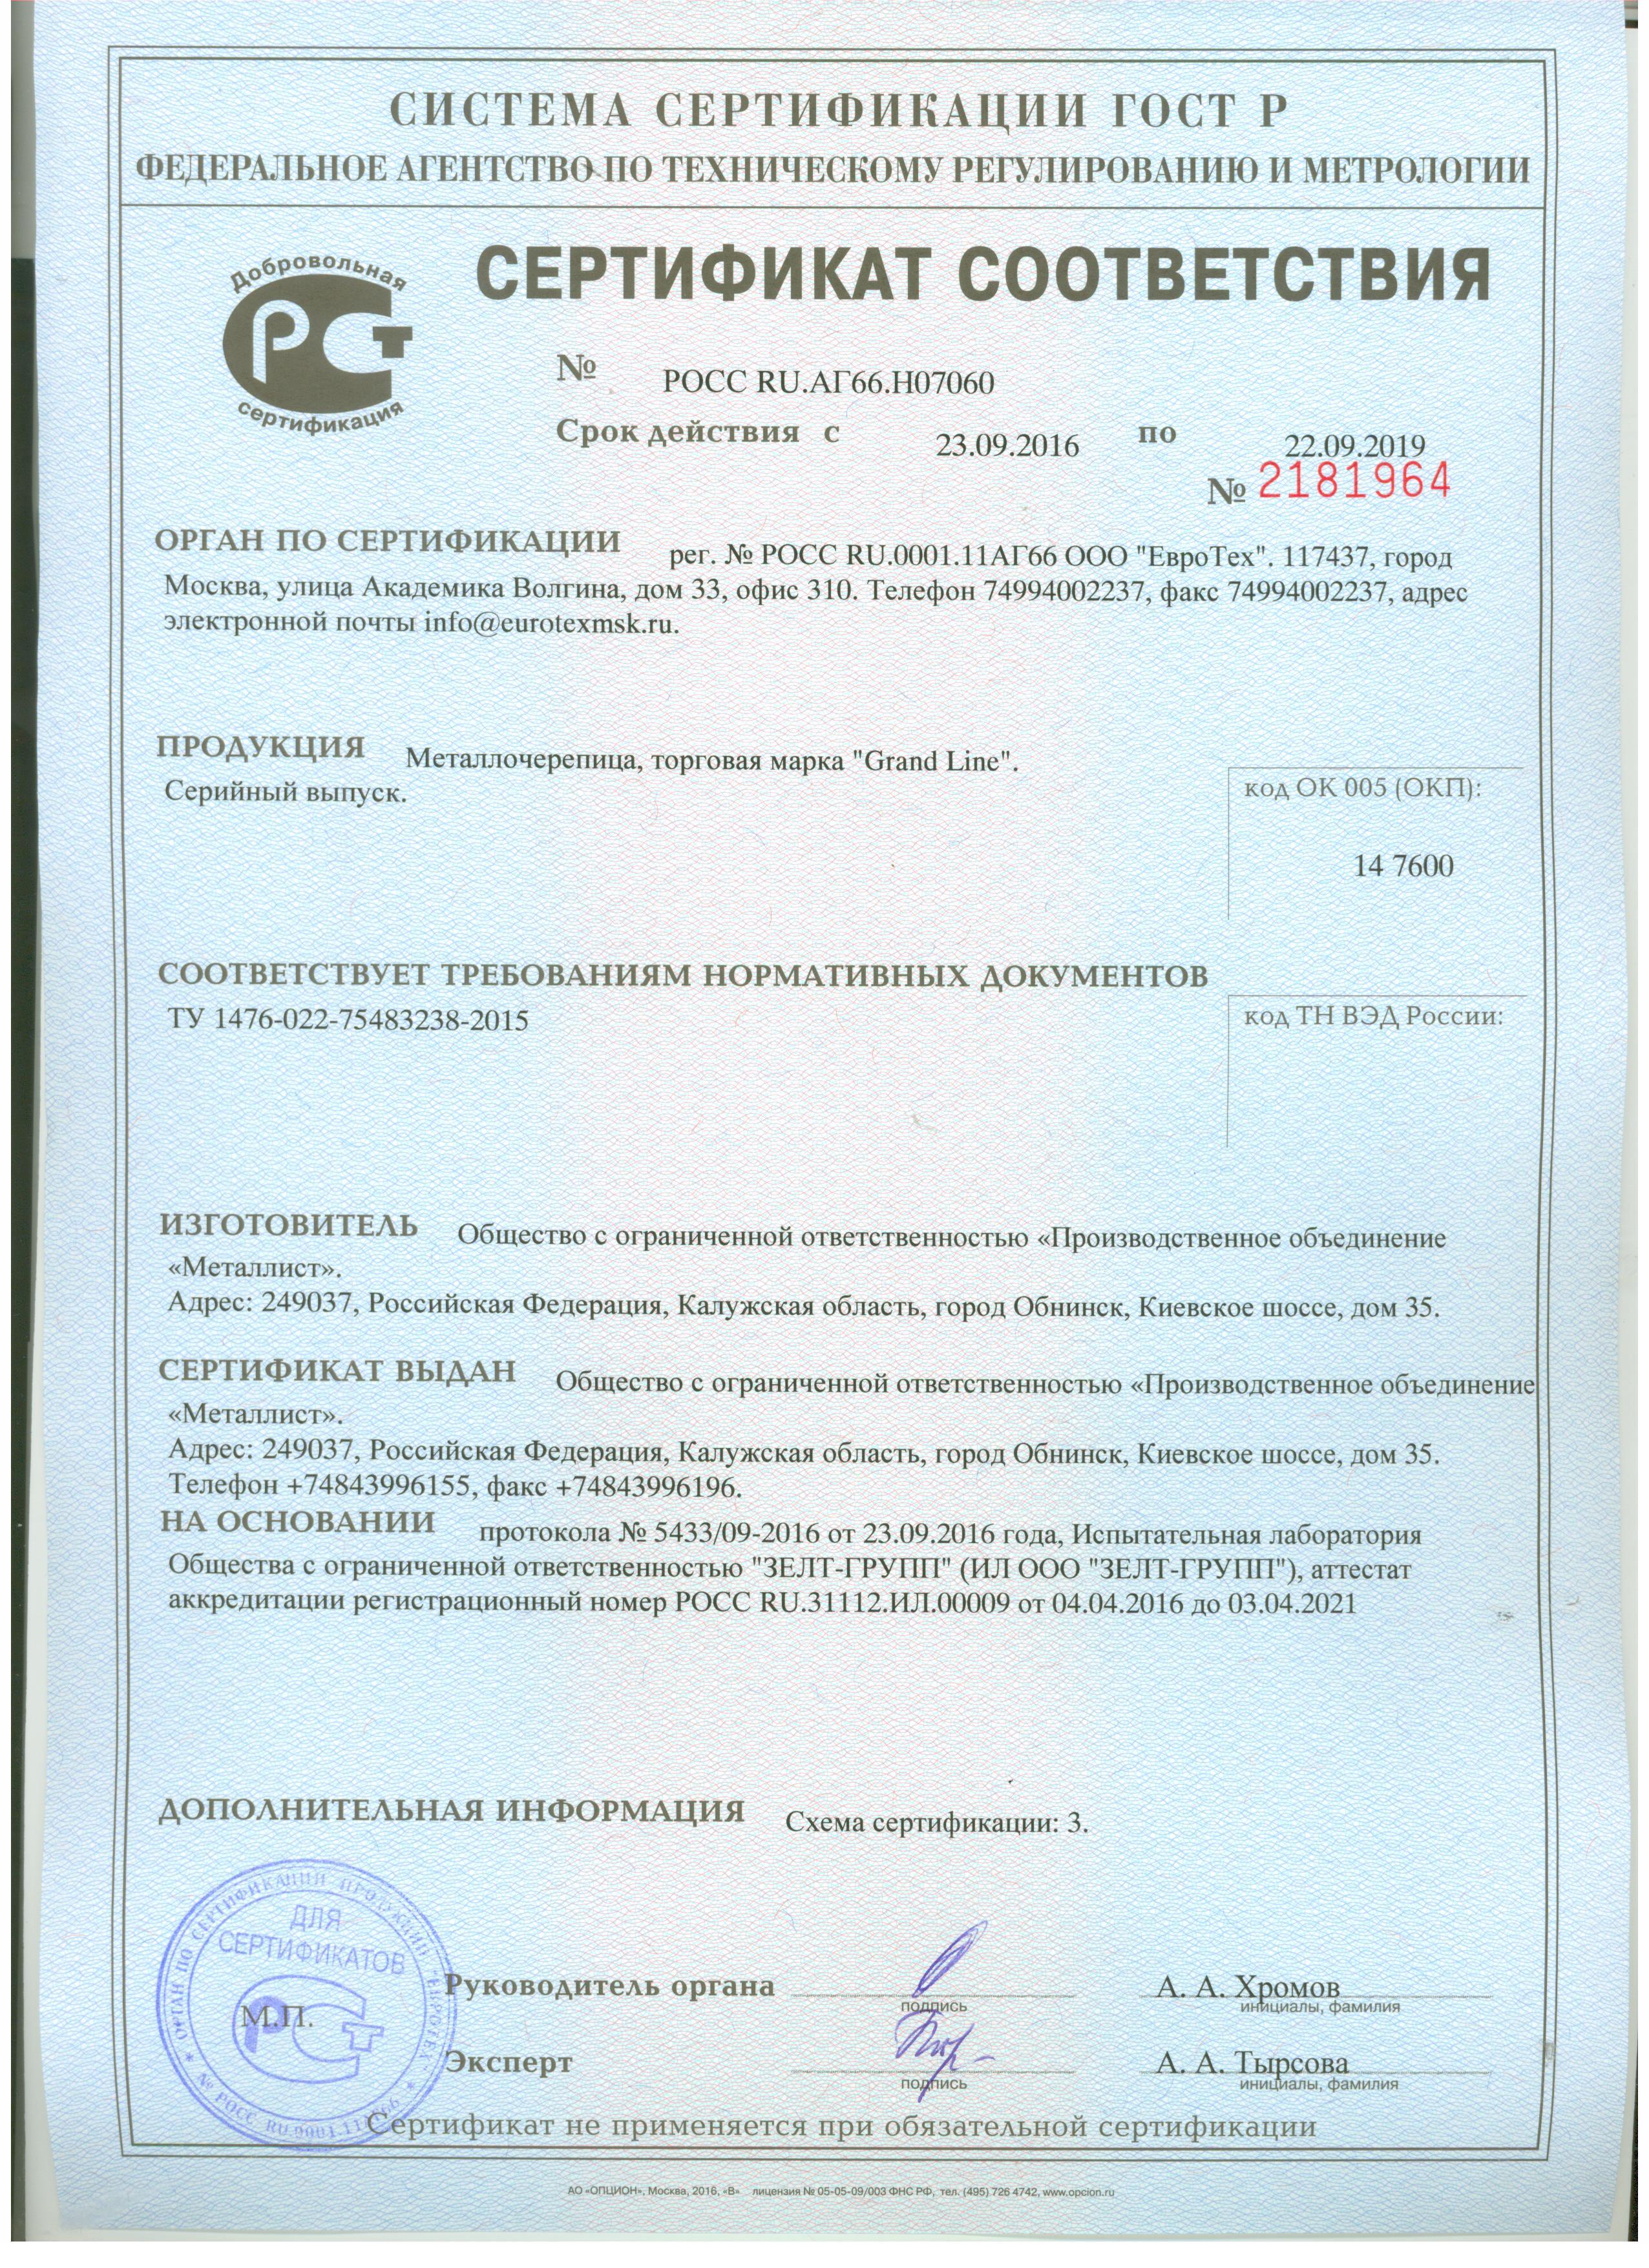 Кровельные ограждения сертификация гост 2688-80 канат сертификат рк